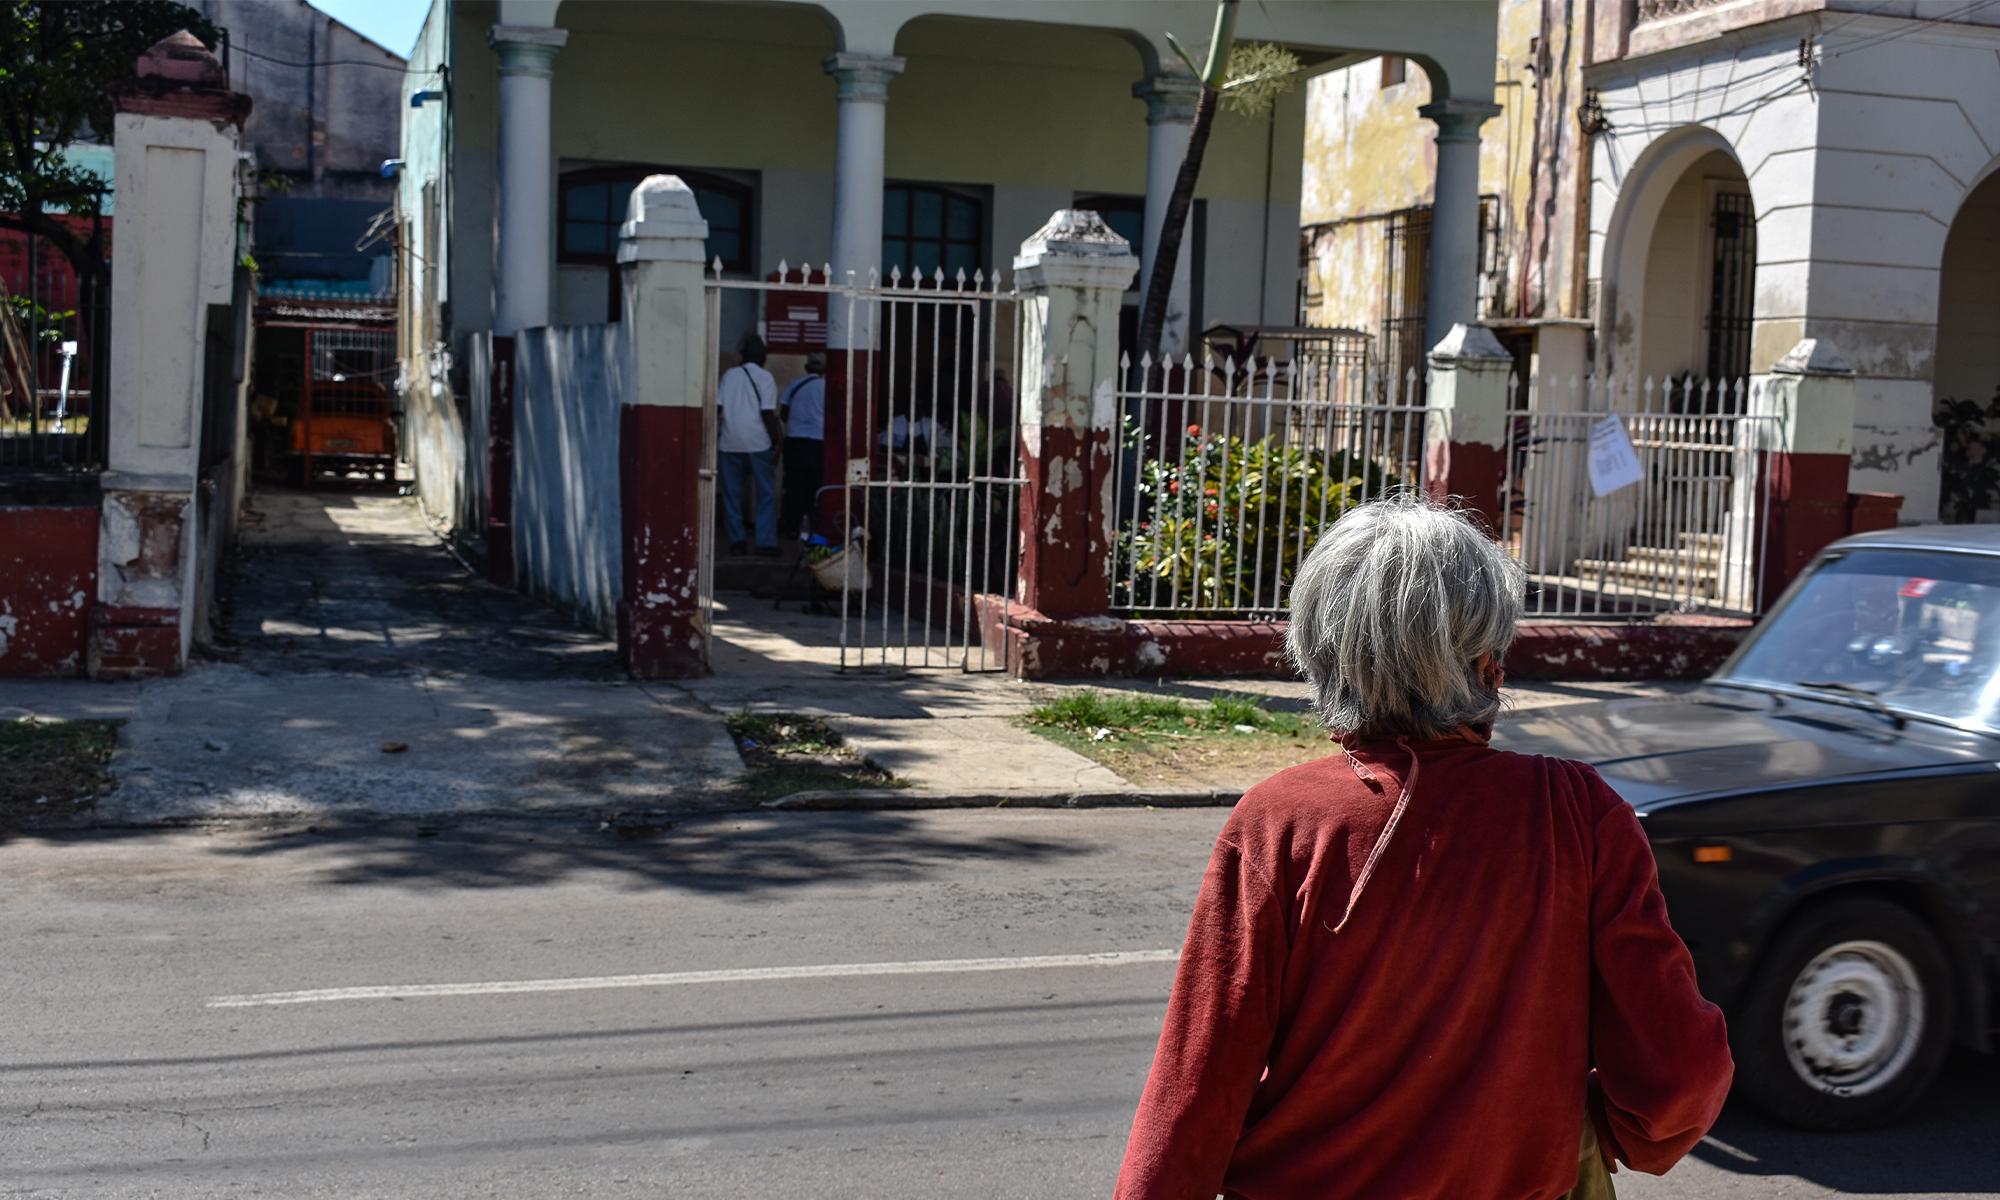 Debido a las restricciones por la pandemia, debe esperar fuera del establecimiento hasta ser atendida (Foto: Thalía Alfonso Gómez).